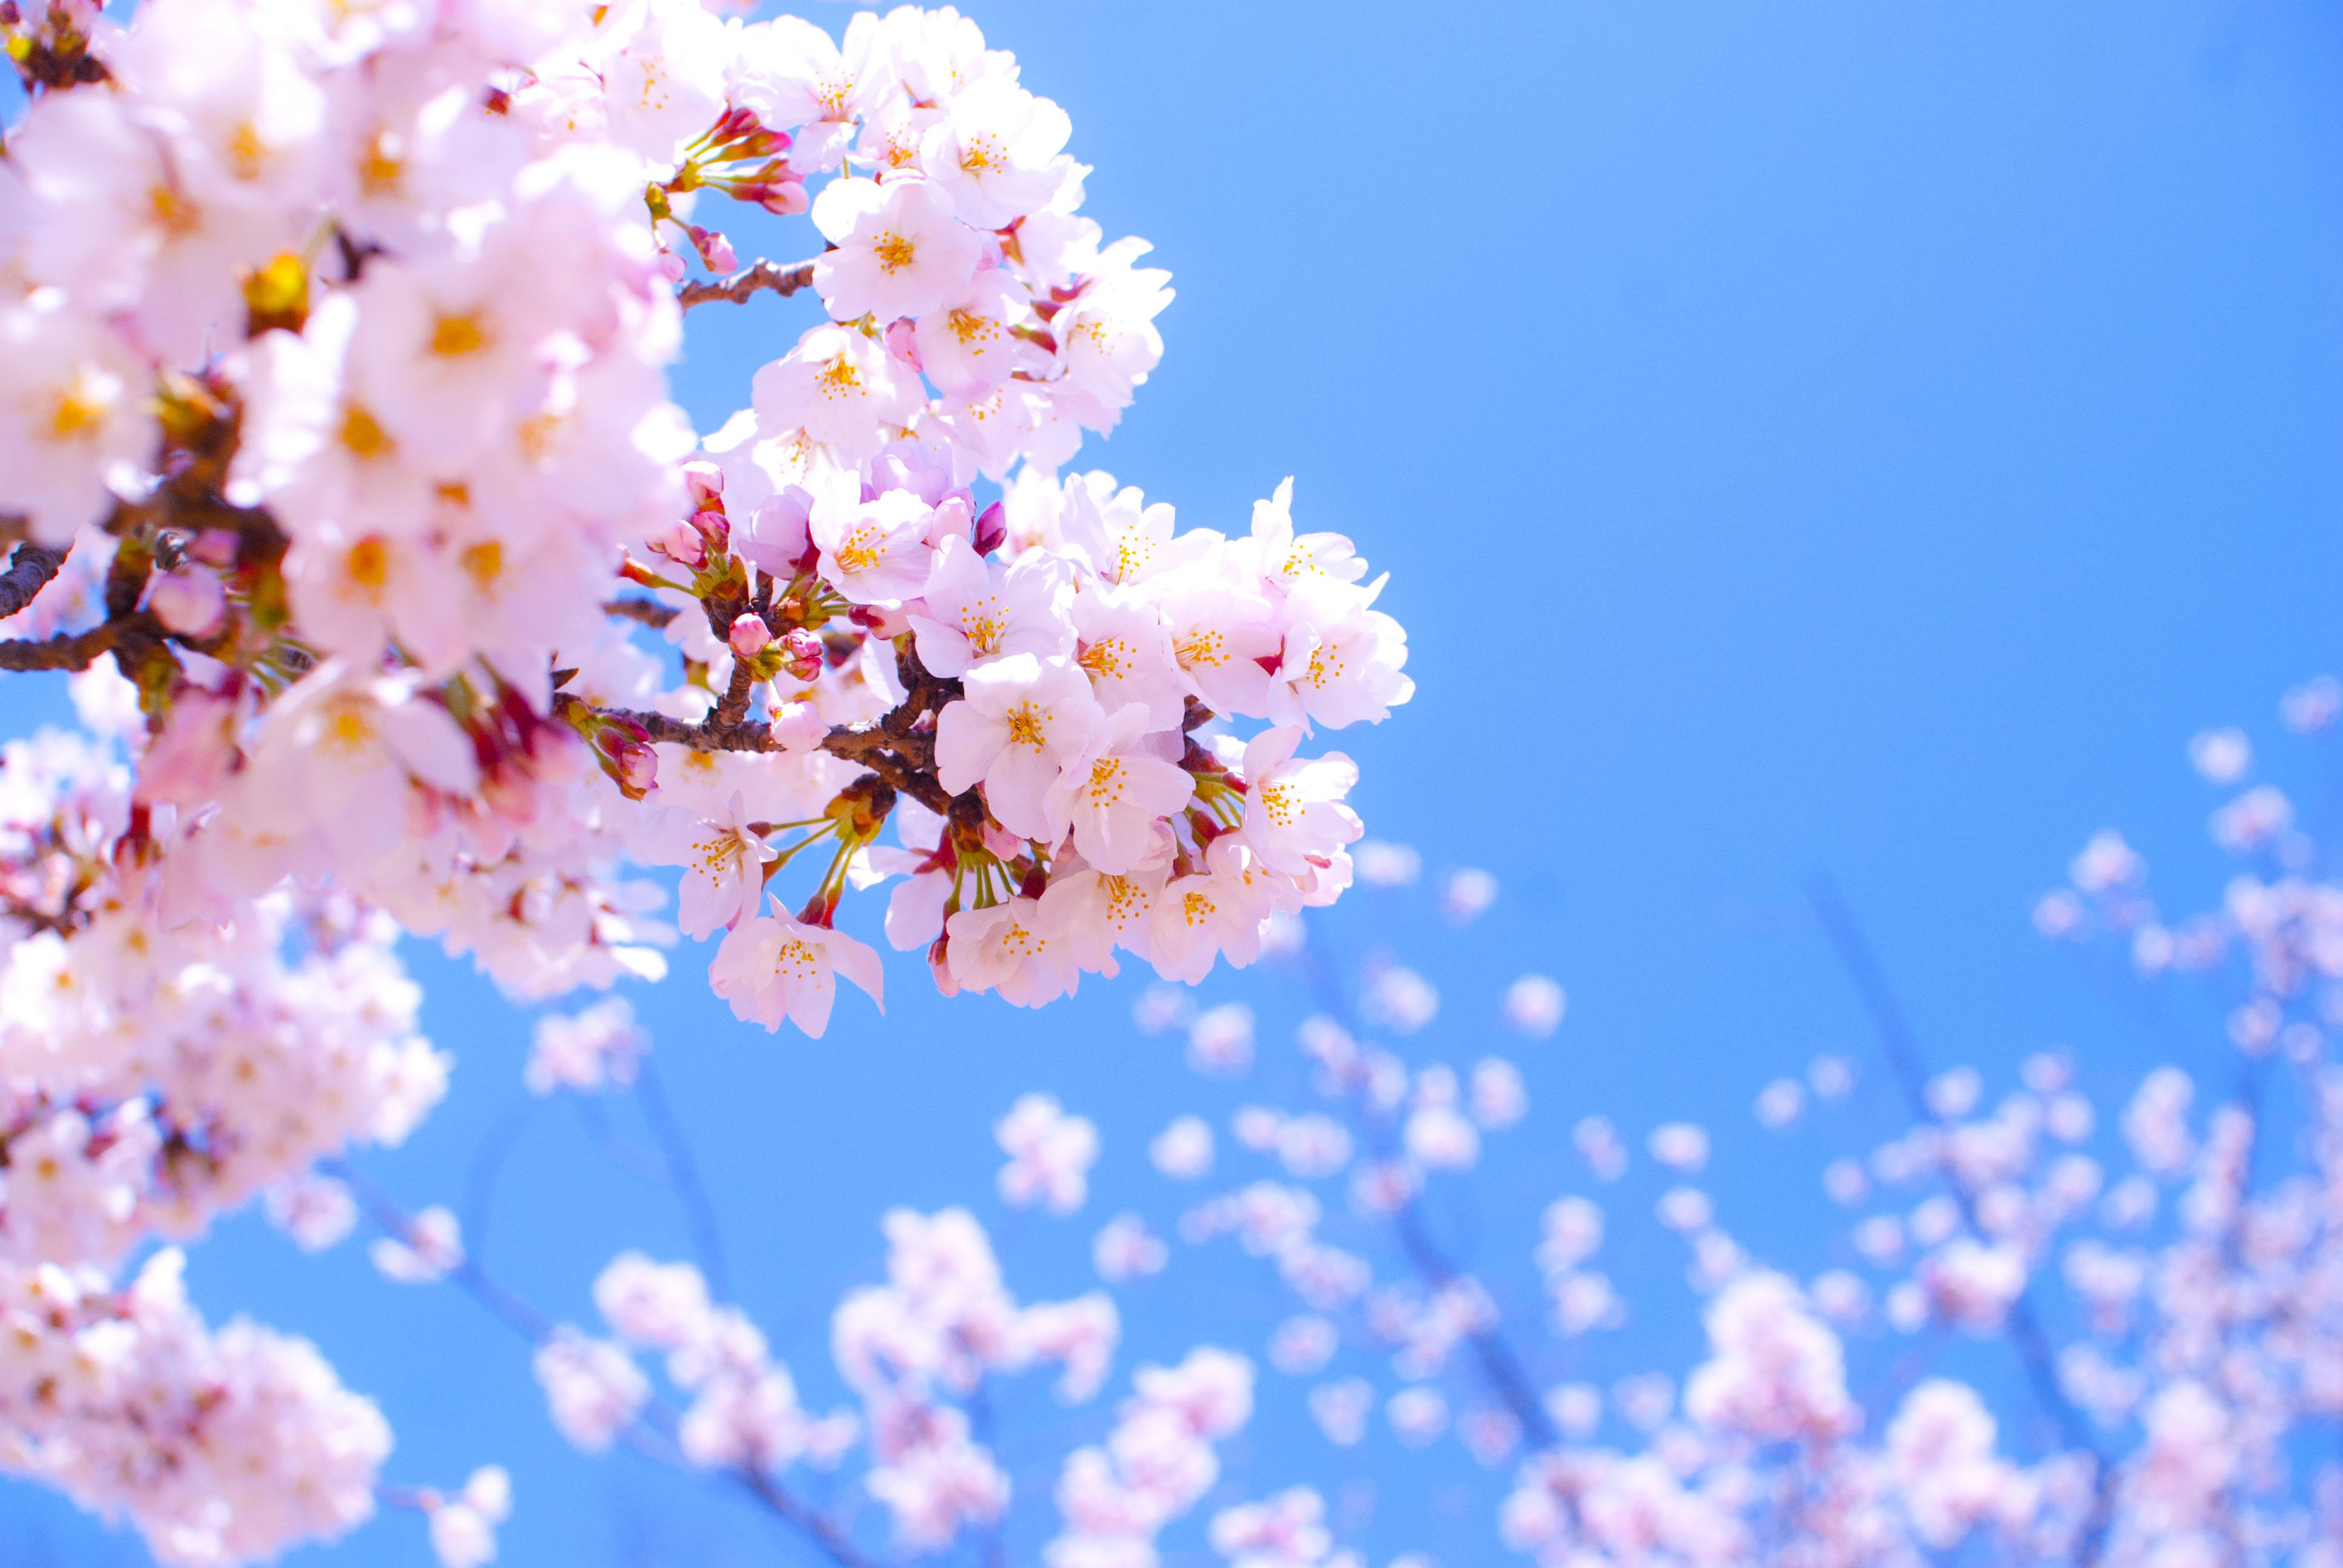 日本の春の風物詩!咲き誇る美しき桜はこんなにも種類があった!のサムネイル画像